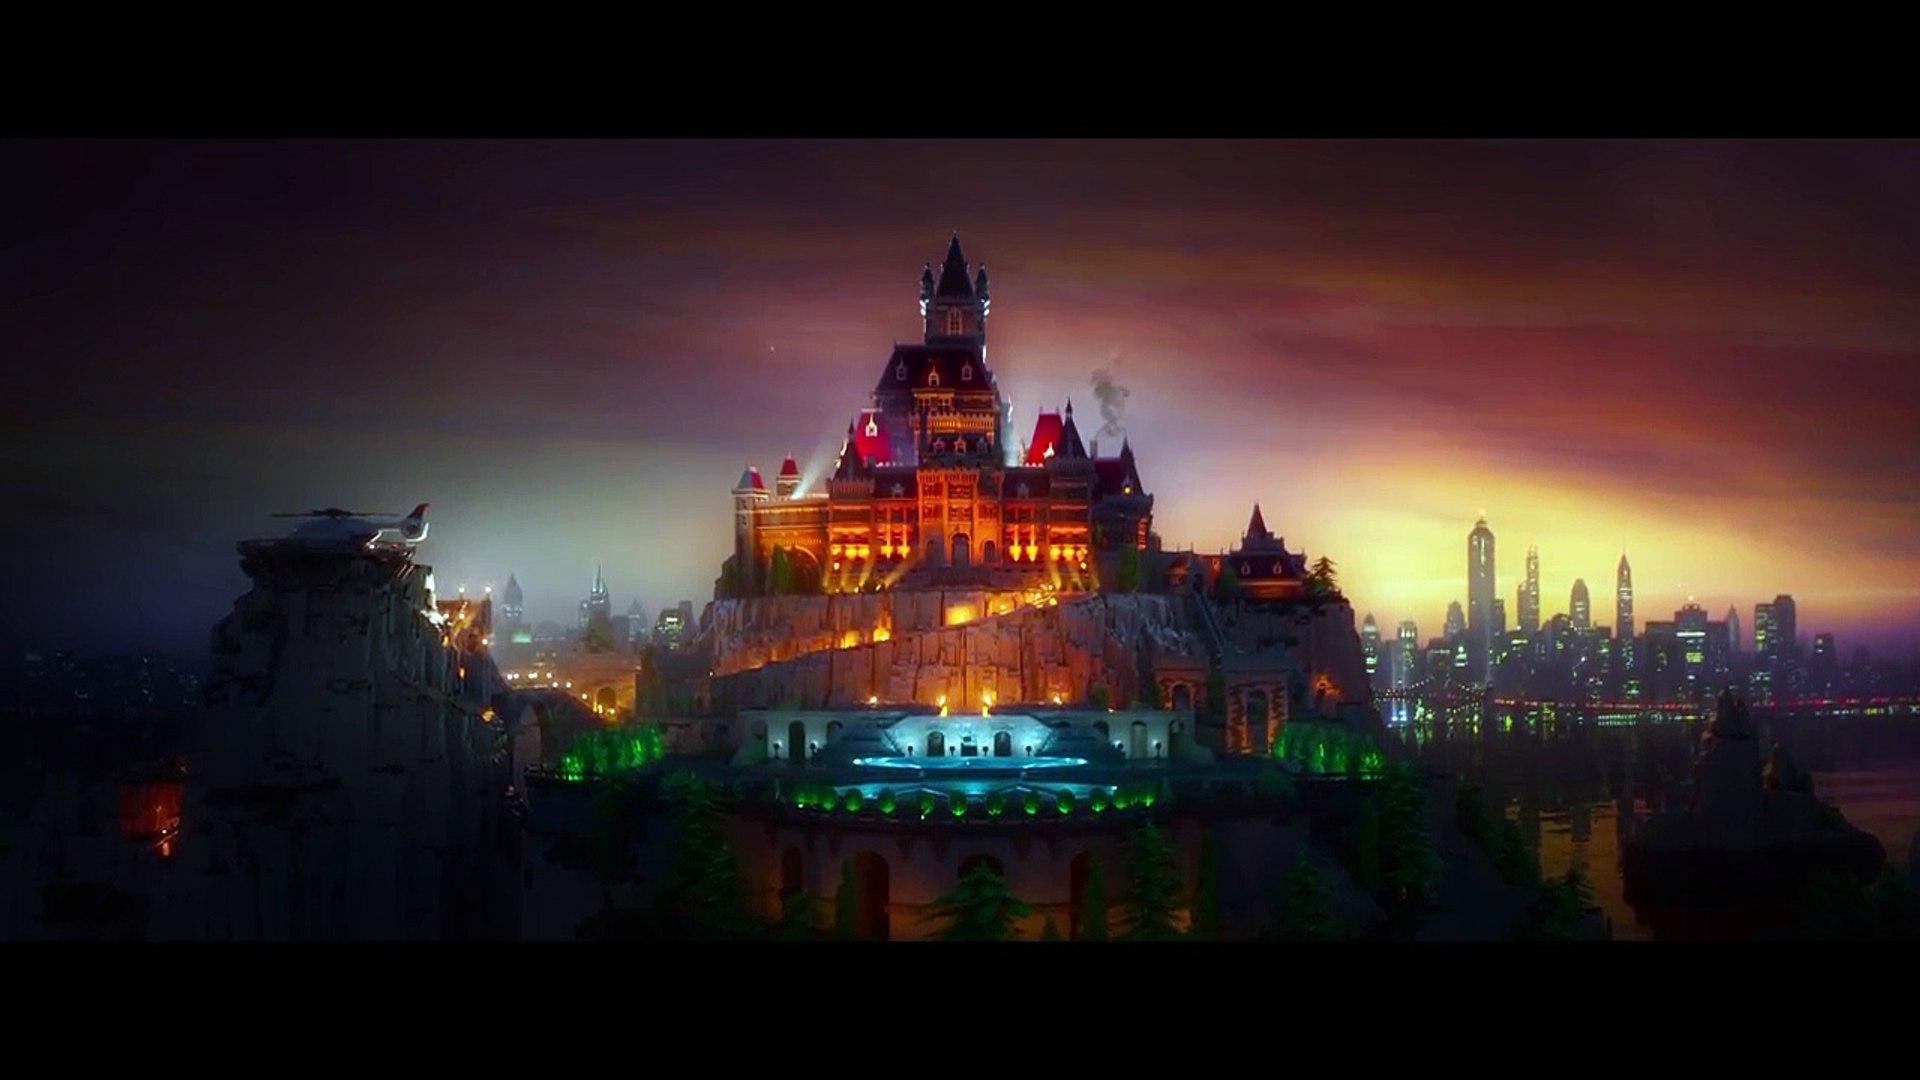 Лего Бэтмен фильм Официальный трейлер #2 Уэйн Манор 2017 Уилл Арнетт Комедия фильм HD